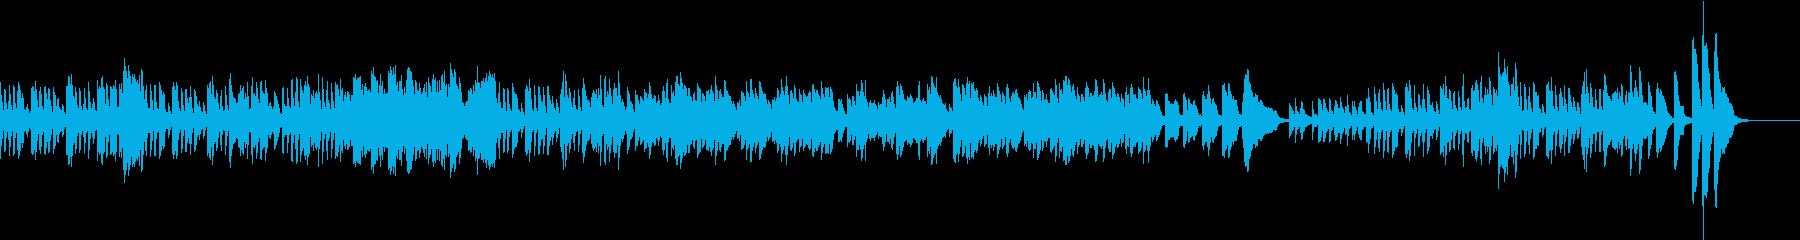 軽快なピアノ曲 ソナチネ ベートーヴェンの再生済みの波形